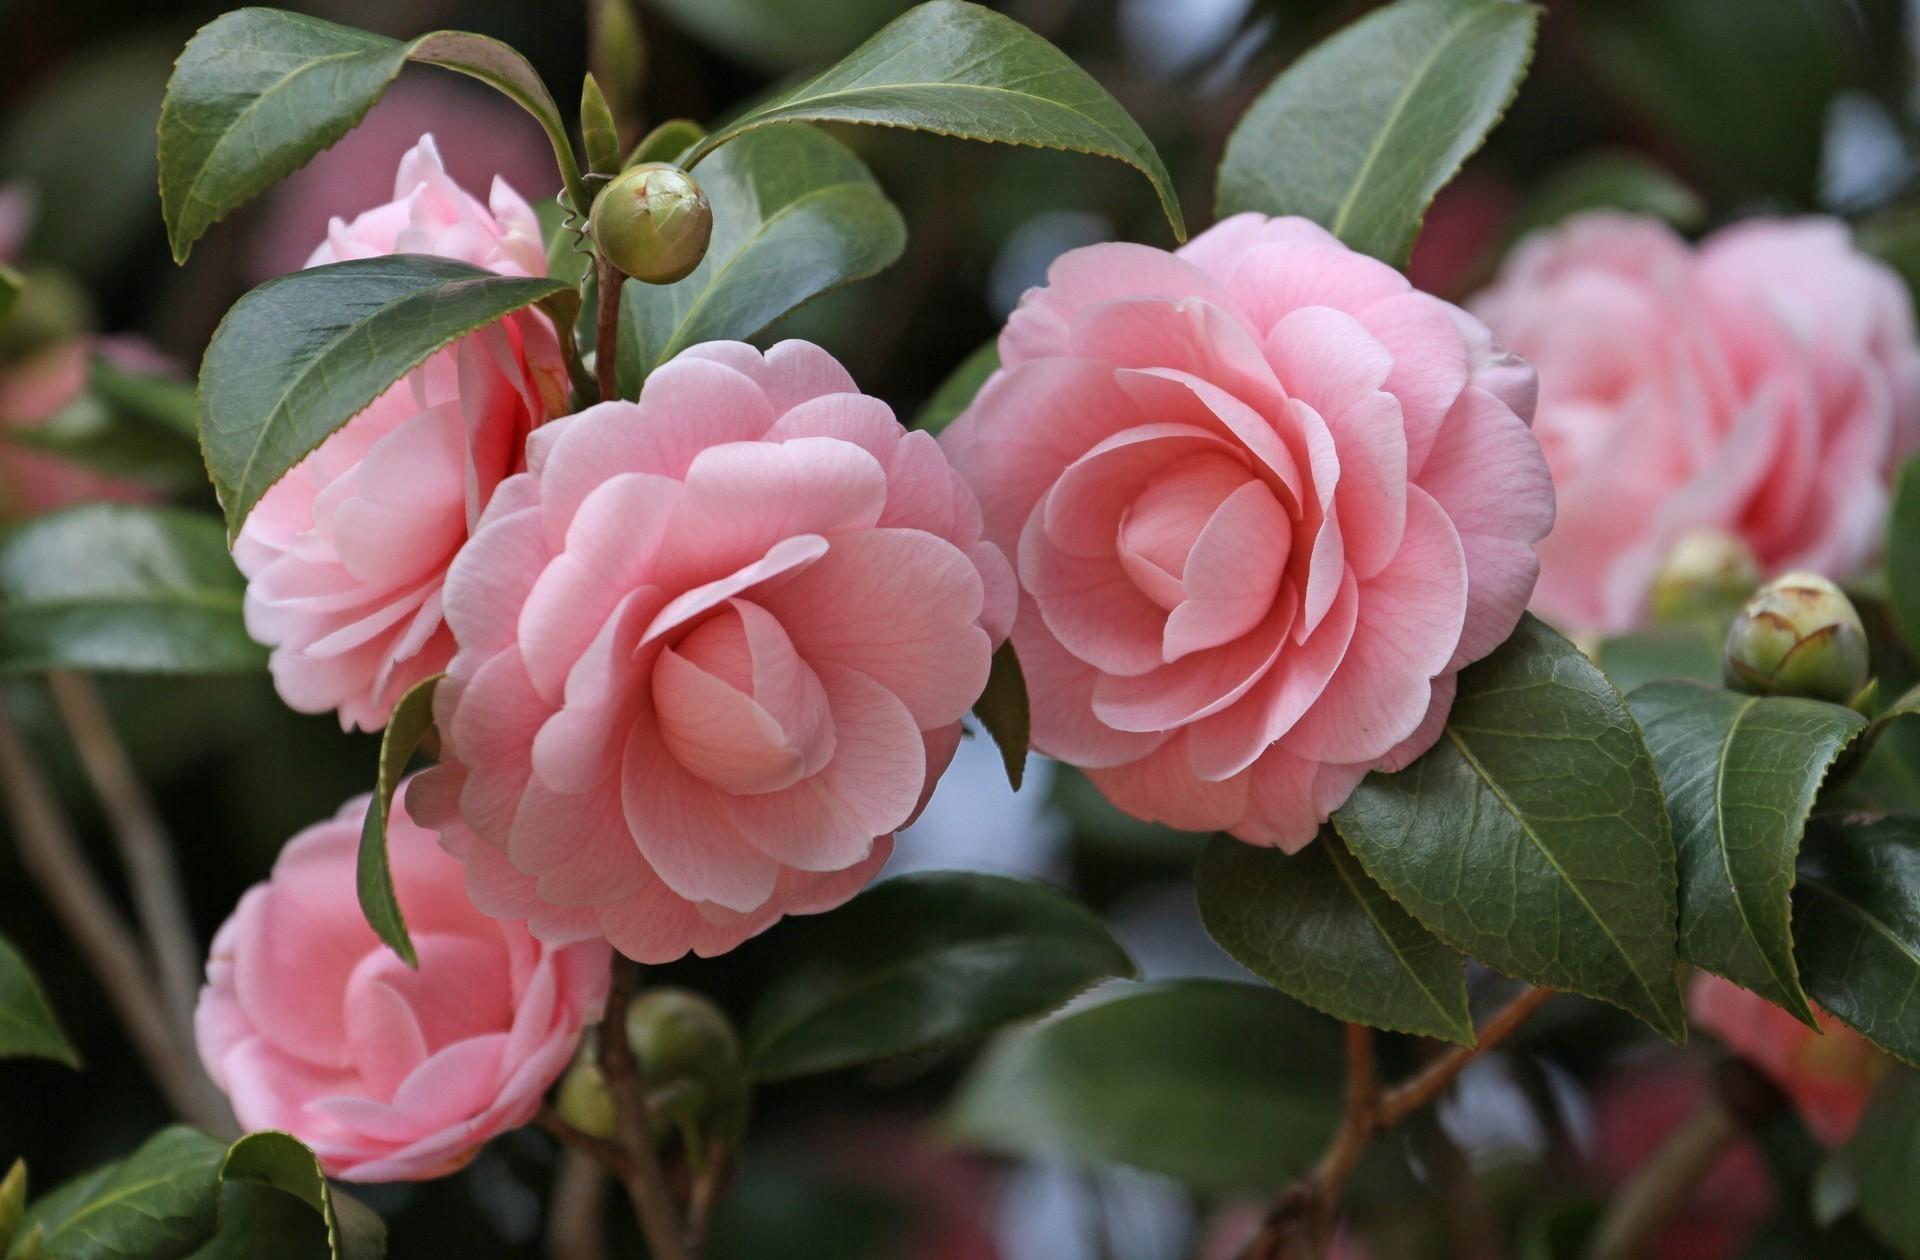 143540 скачать обои Цветы, Камелия, Садовые, Бутоны, Стебли, Листья, Крупный План - заставки и картинки бесплатно